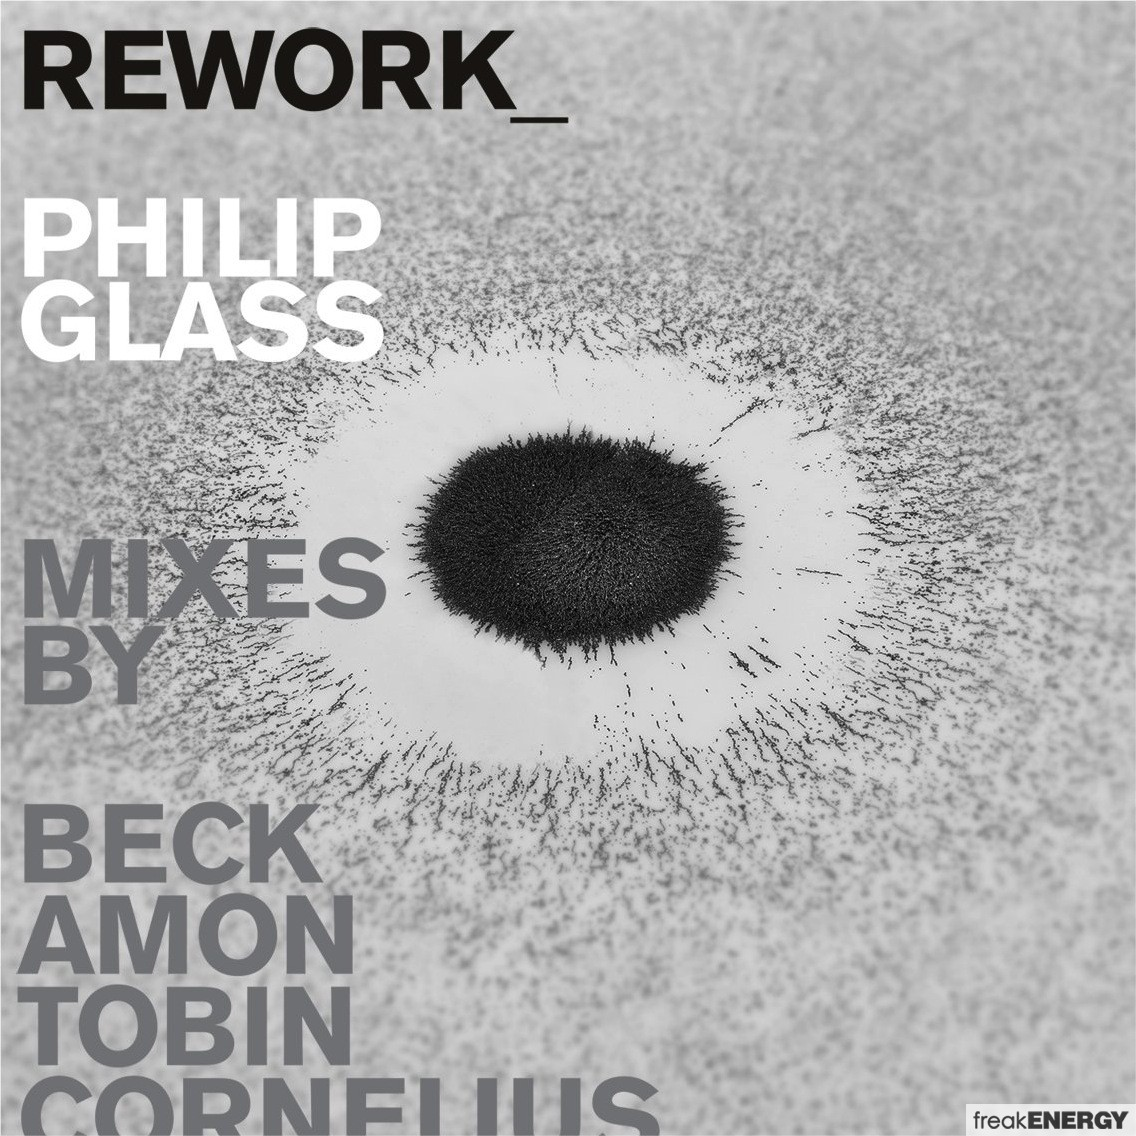 philip-glass-rework-philip-glass-remixed.jpg